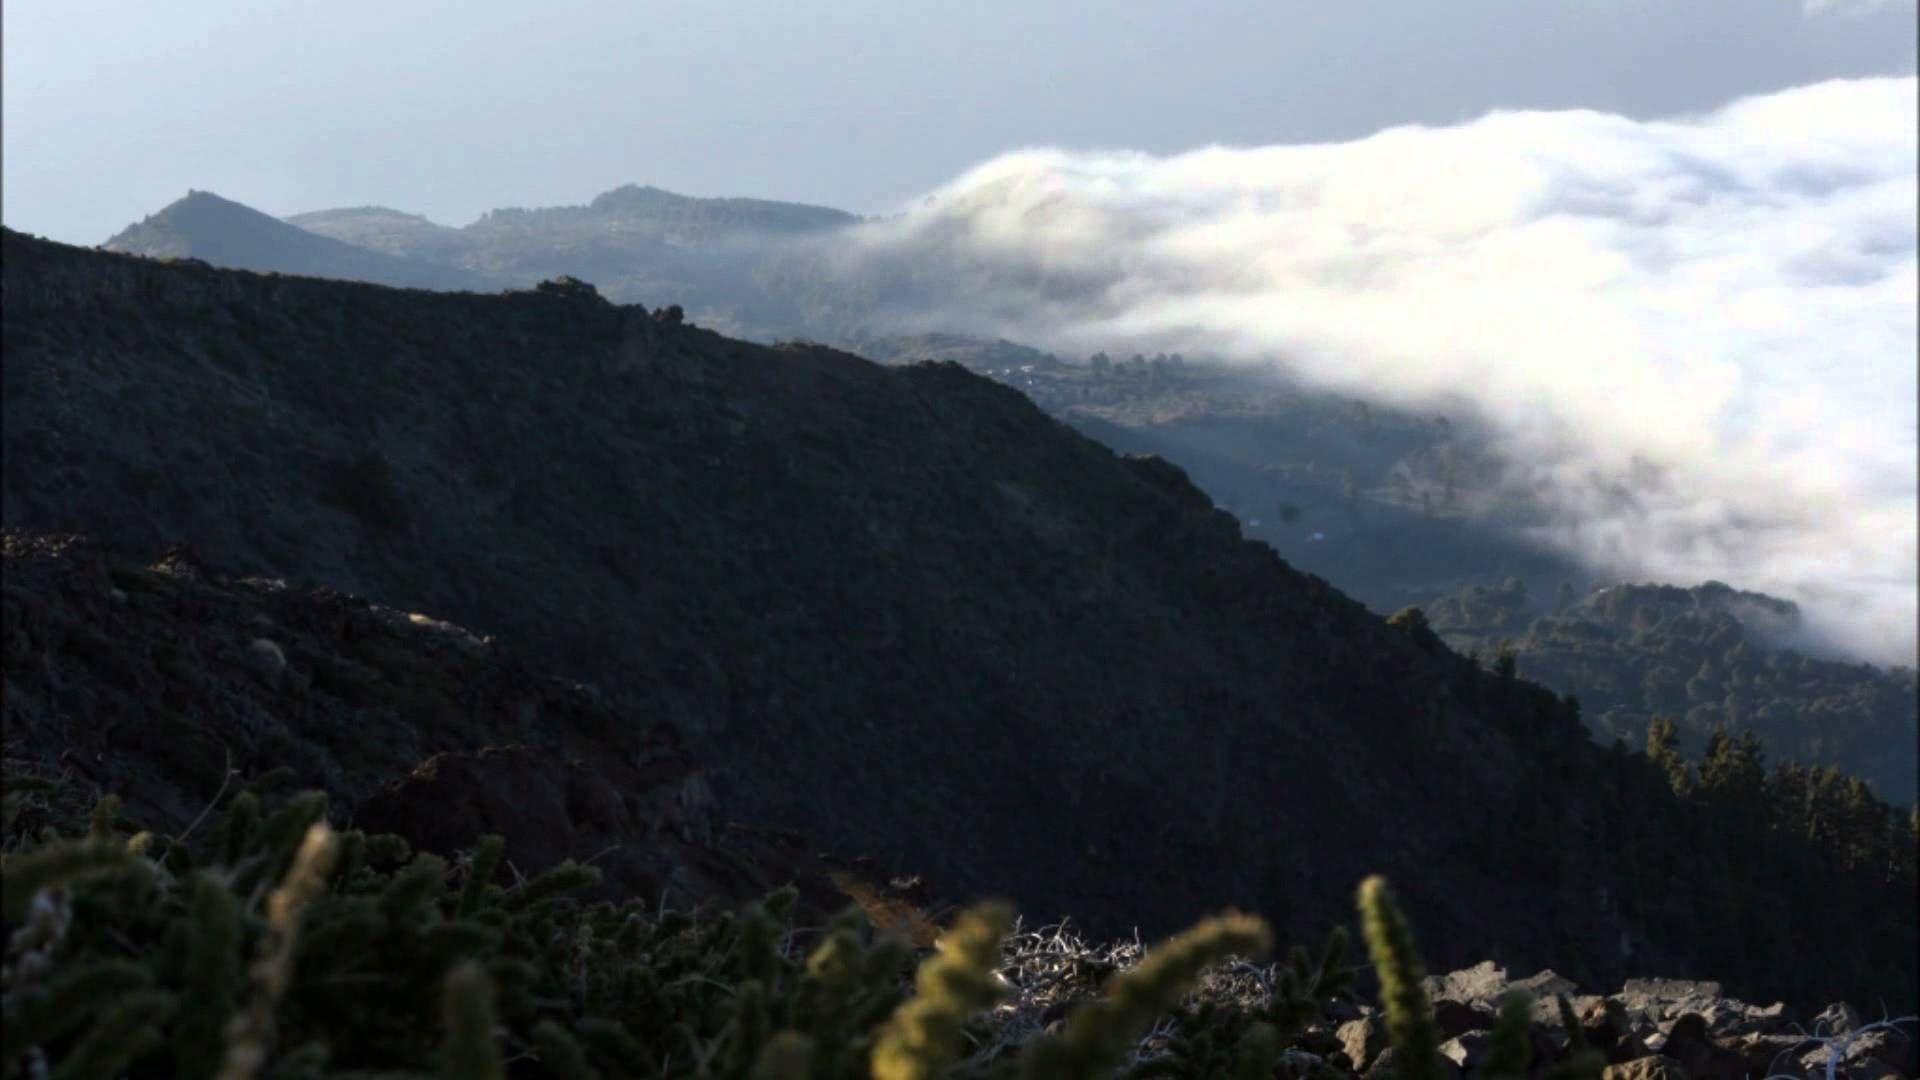 La Palma And The Roque De Los Muchachos Observatory